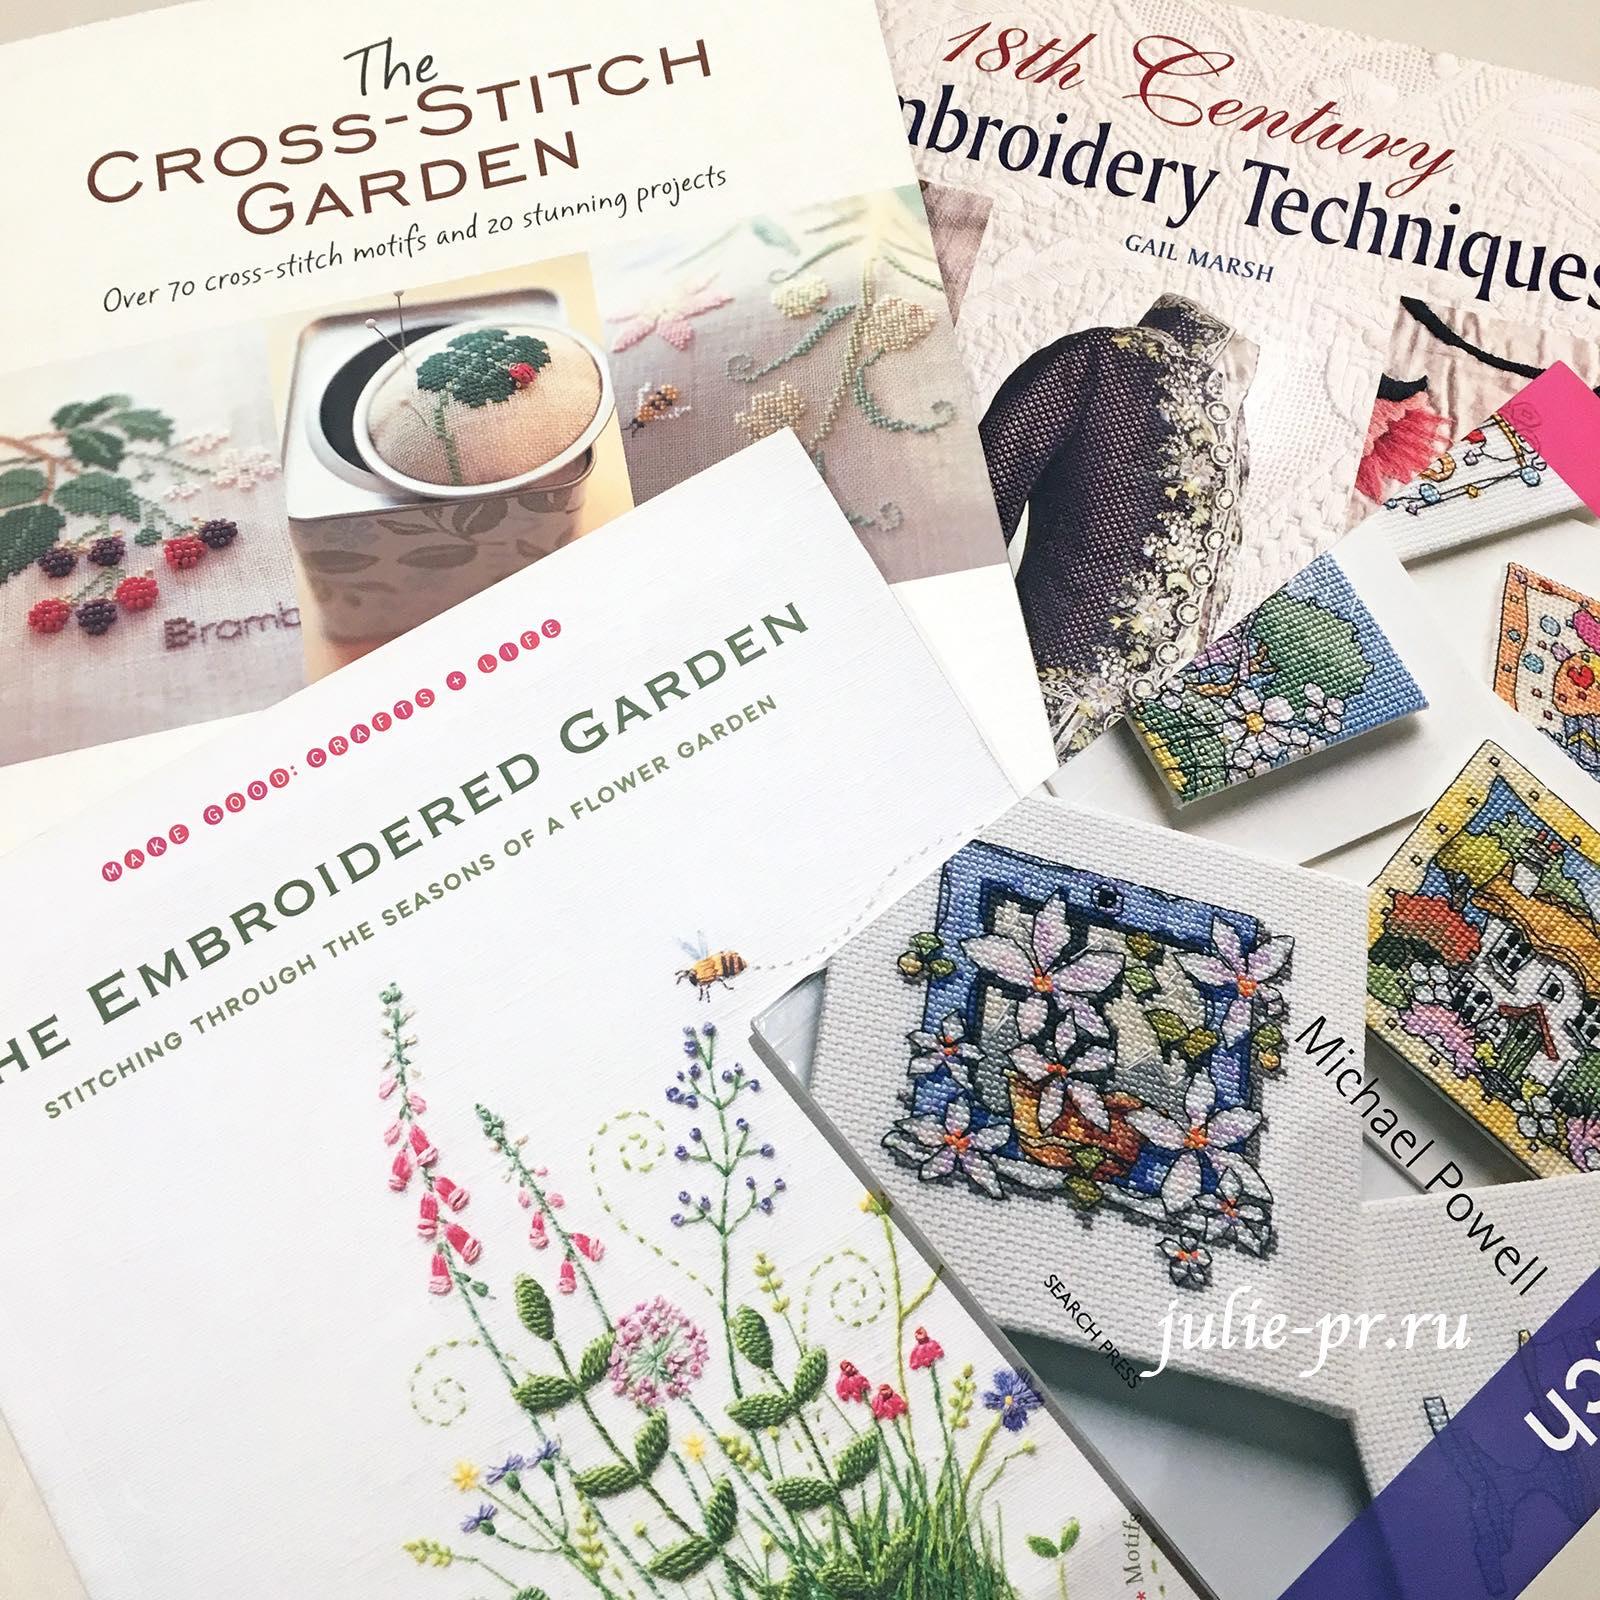 книги по вышивке Kazuko Aoki, брошюра Michael Powell Mini Cross Stitch, книга по вышивке 18 века